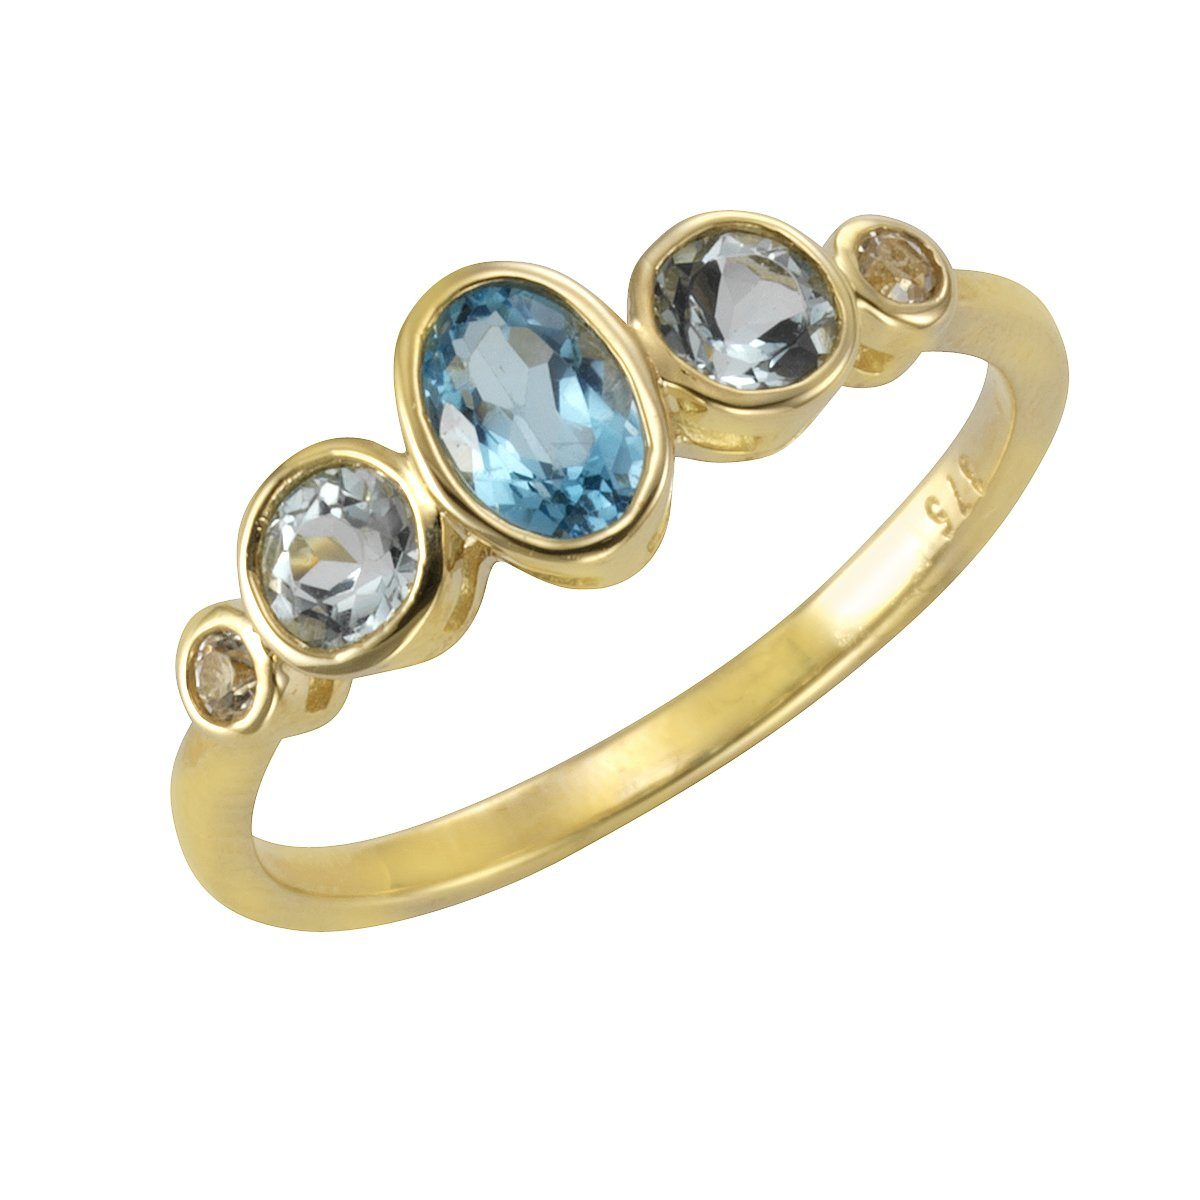 VIVANCE Ring 375/- Gelbgold mit Blautopas/Weißtopas | Schmuck > Ringe | Gelb | Vivance